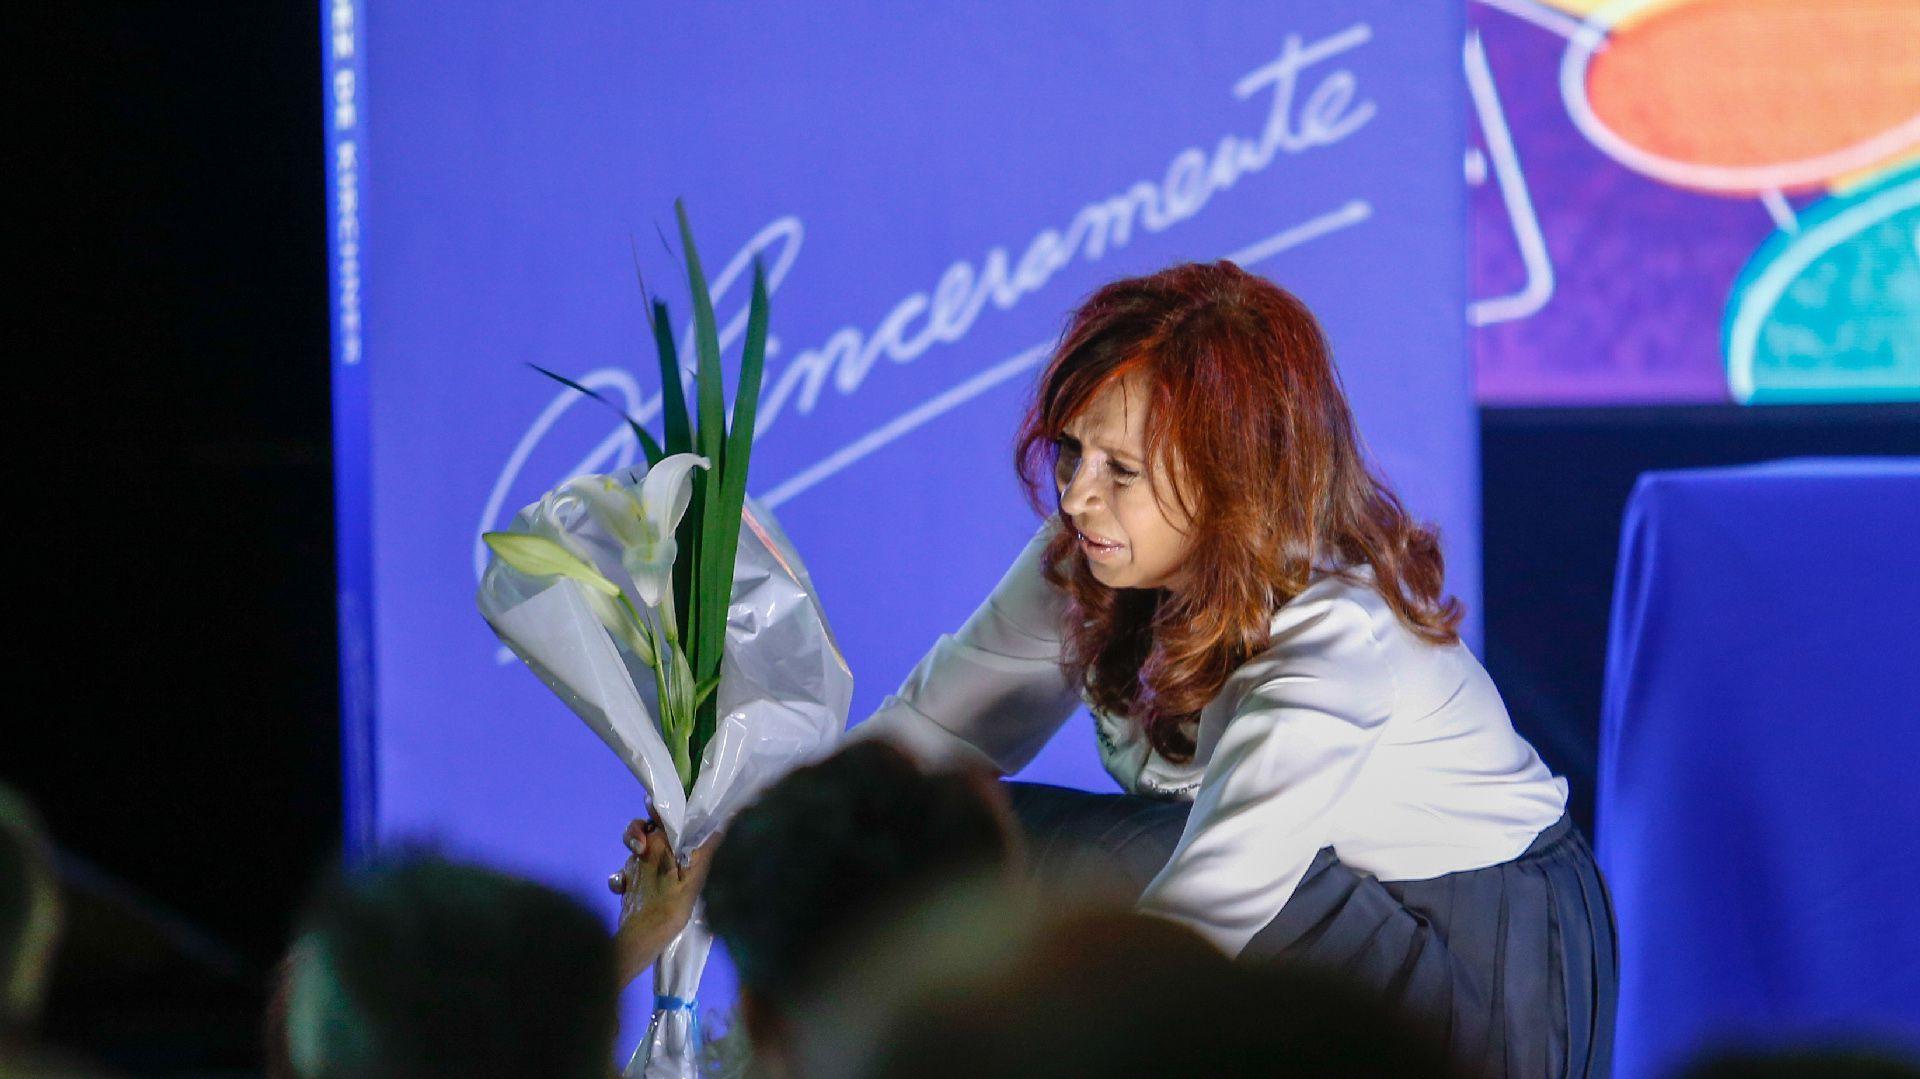 Cristina hace campaña presidencial con su libro de memorias personales. (Nicolás Aboaf)